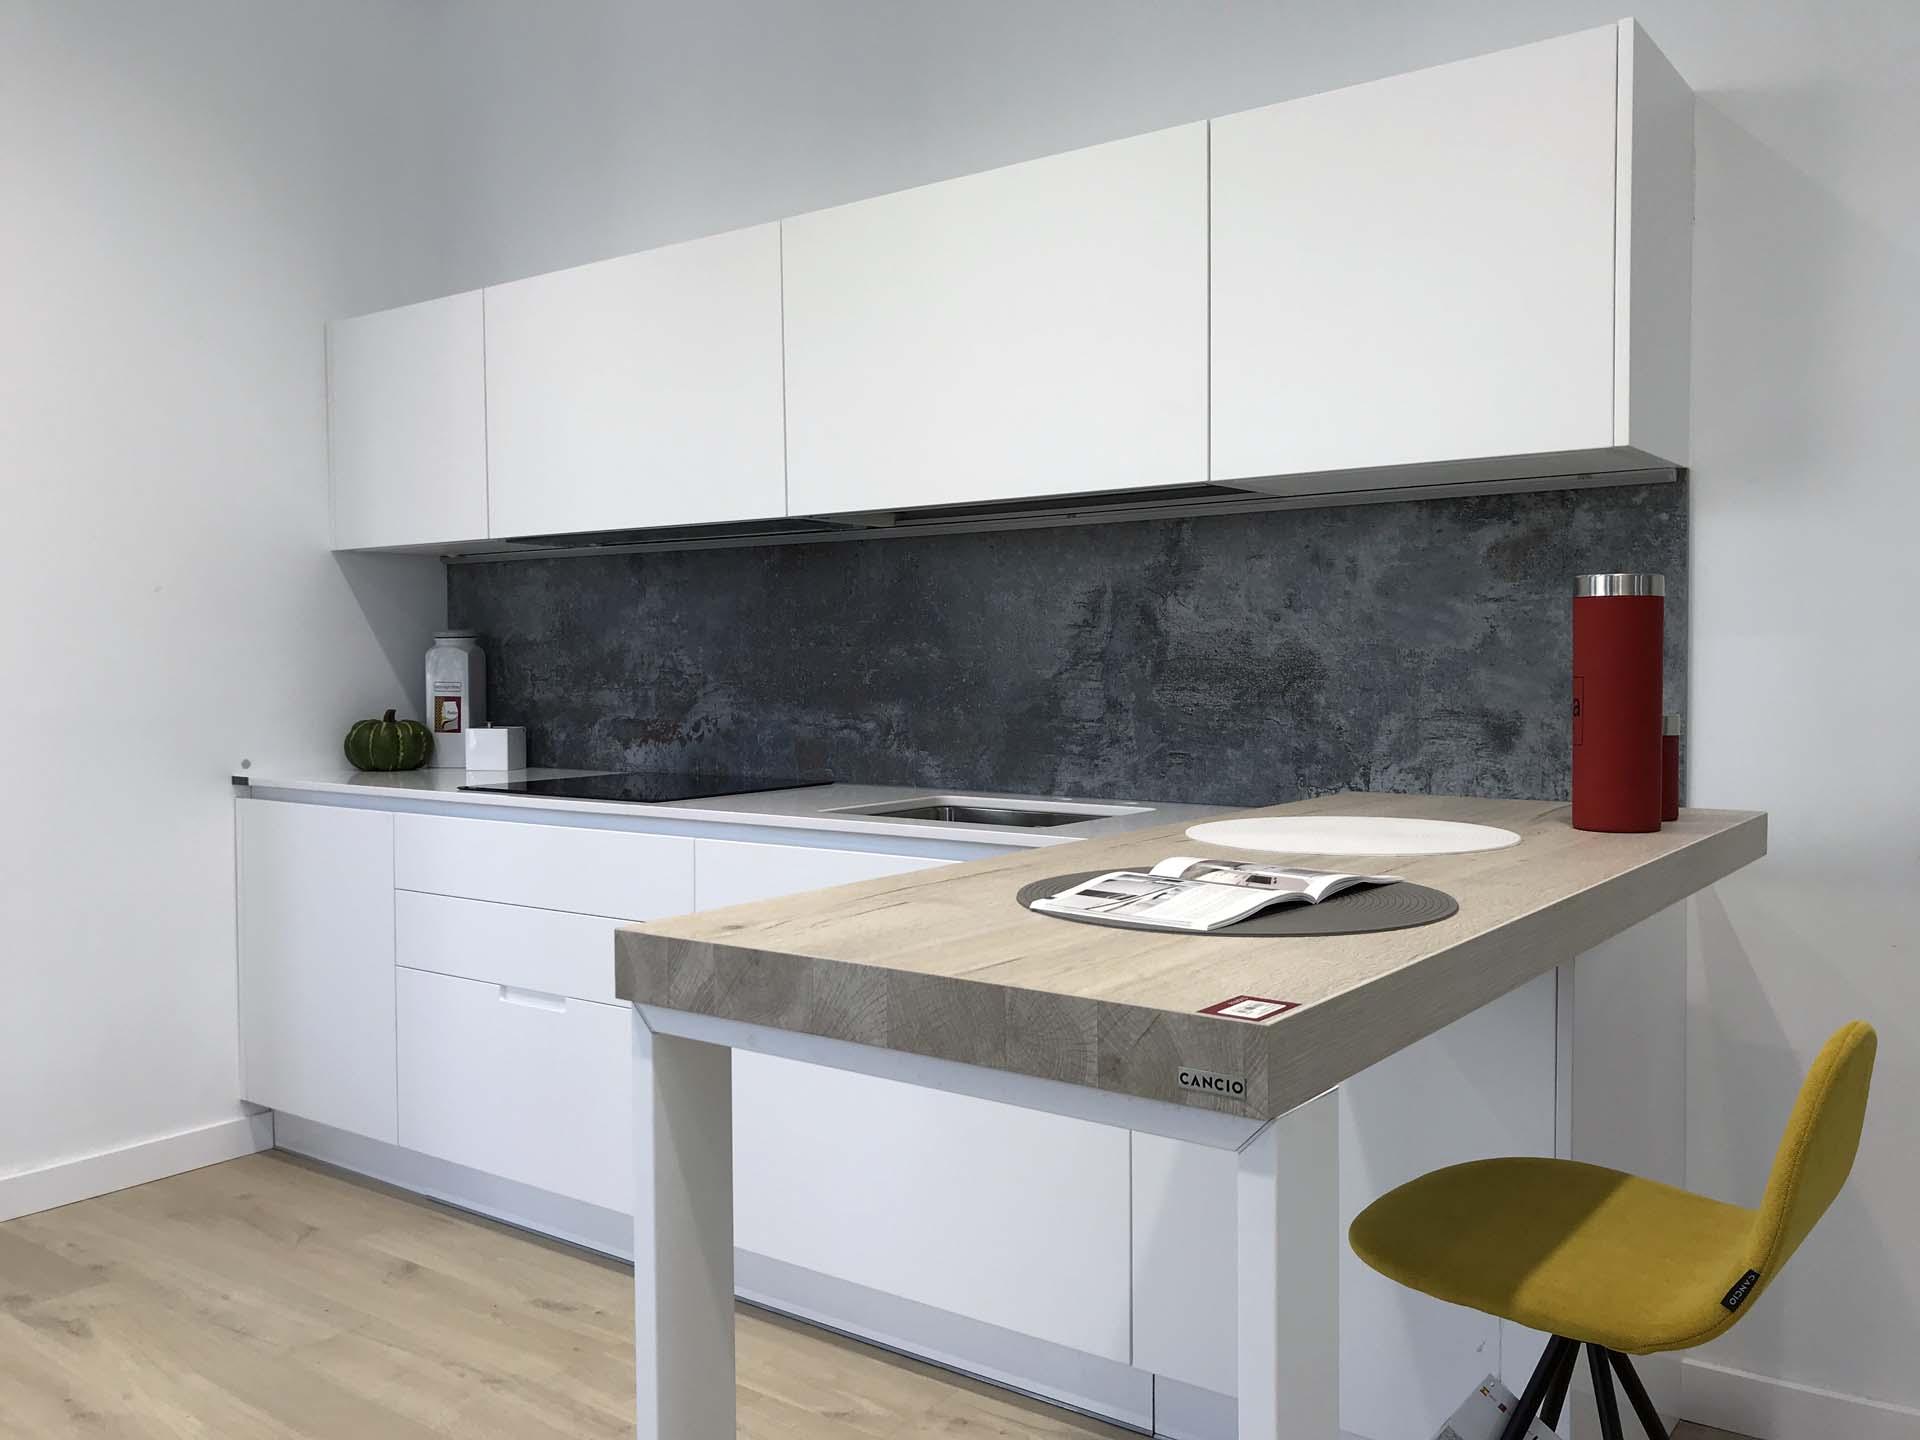 Cocina minimalista lacada blanca mate con tirador cairo for Proyectos de cocina easy